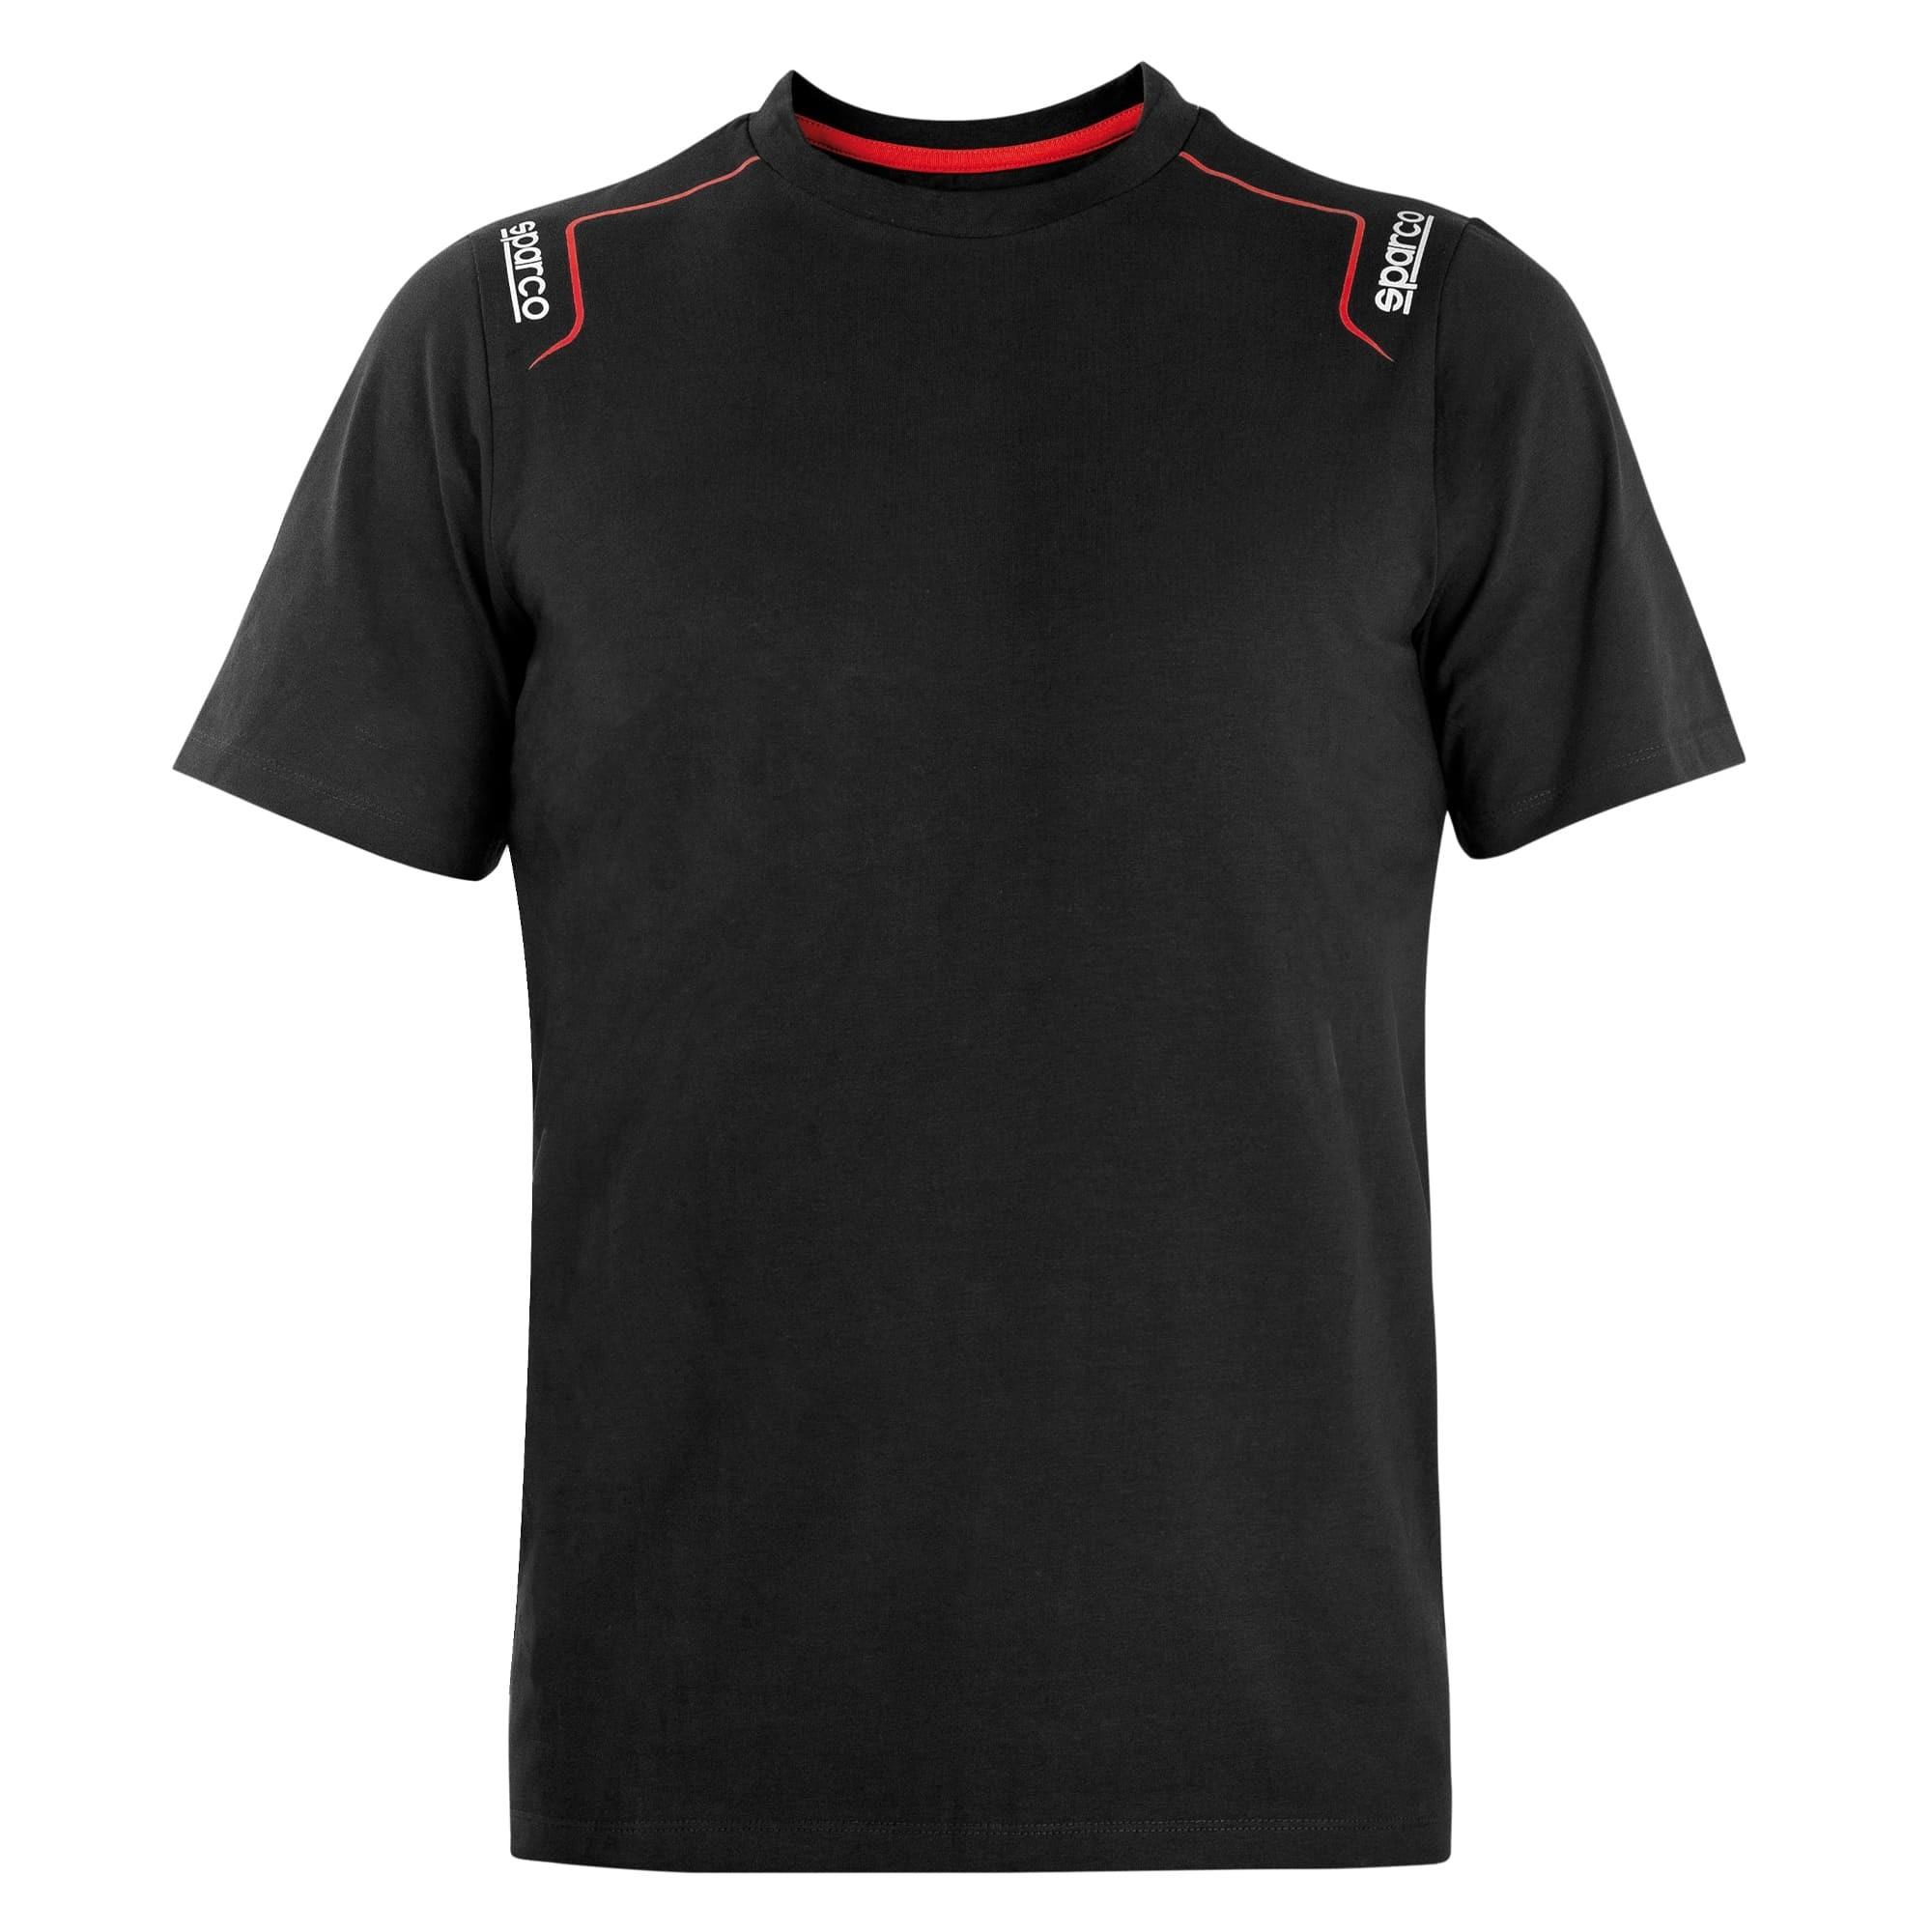 T-shirt Maglietta Elasticizzata TRENTON Sparco in cotone - Blu scuro